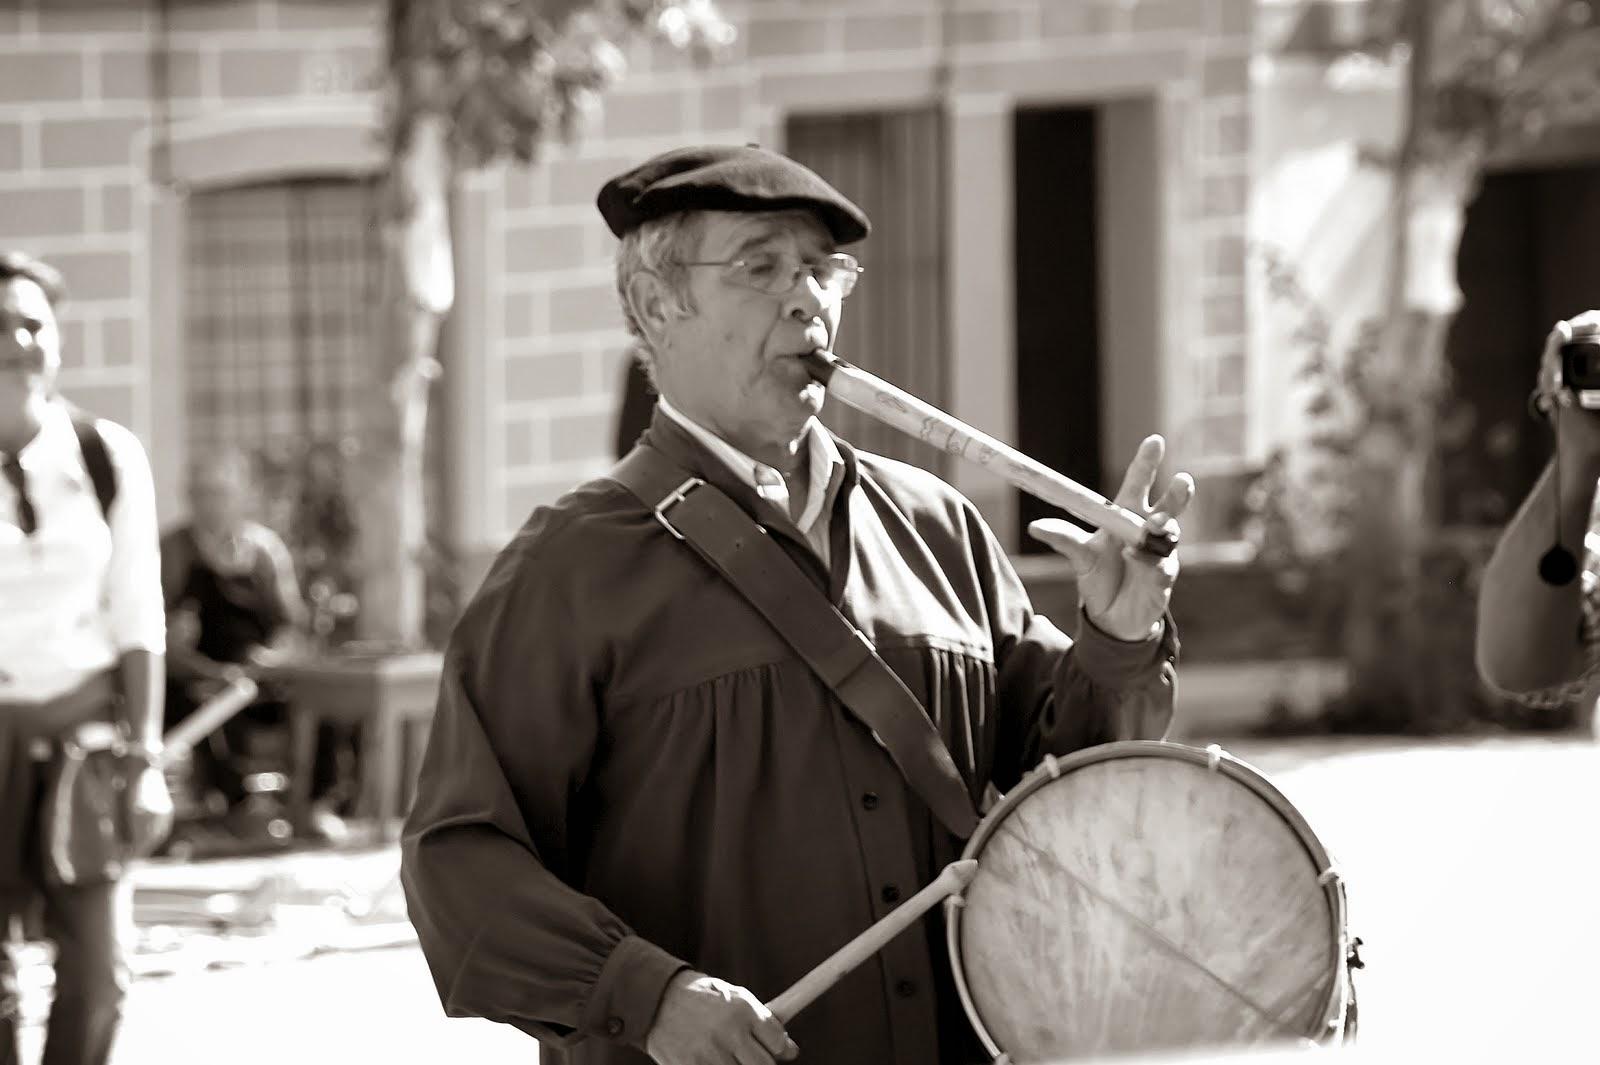 Cualquier vecino con arte musical podía ser un zángano (Jimber)